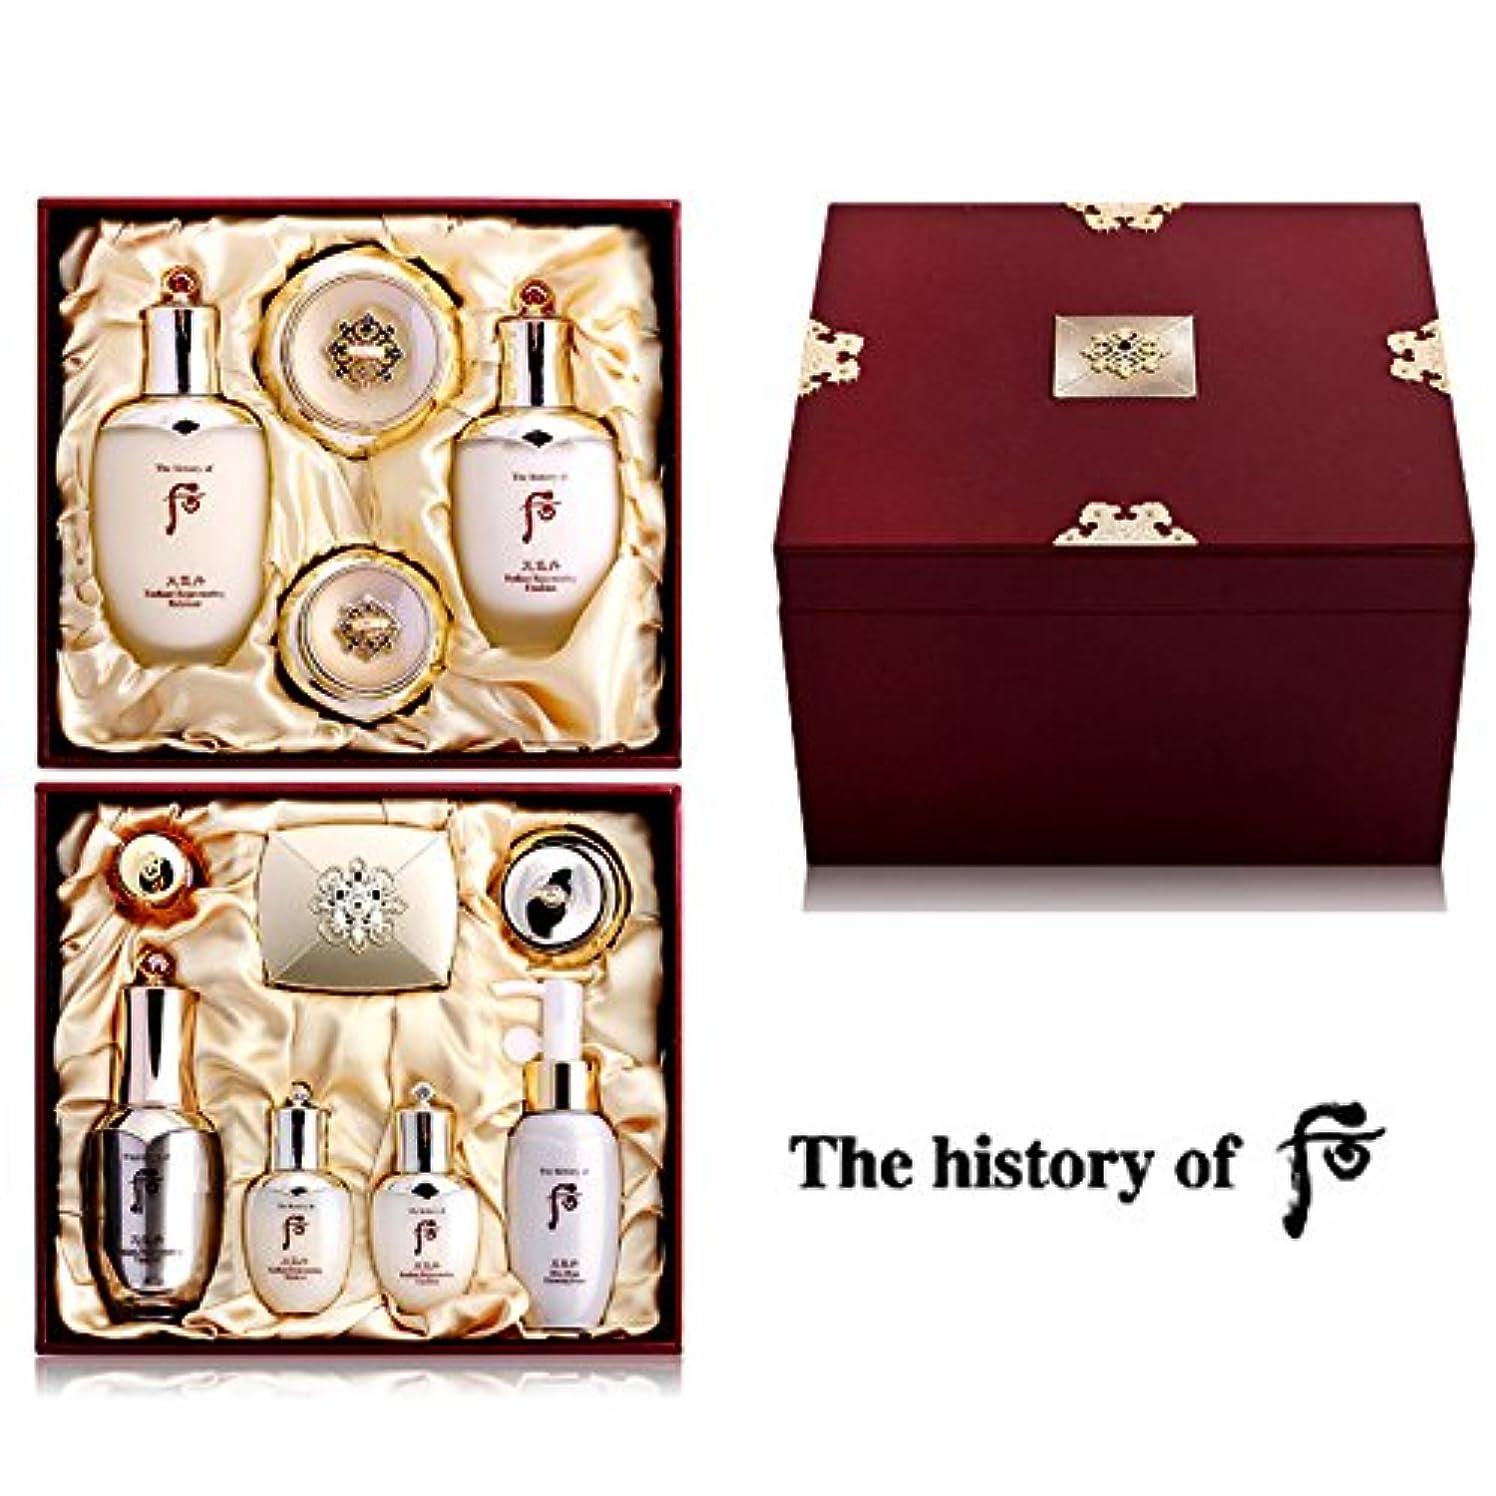 アナニバー勇者優しさ【フー/The history of whoo] 天気丹 王侯(チョンギダン ワンフ) セット/Chonghi Dan Queen Special Set+[Sample Gift](海外直送品)